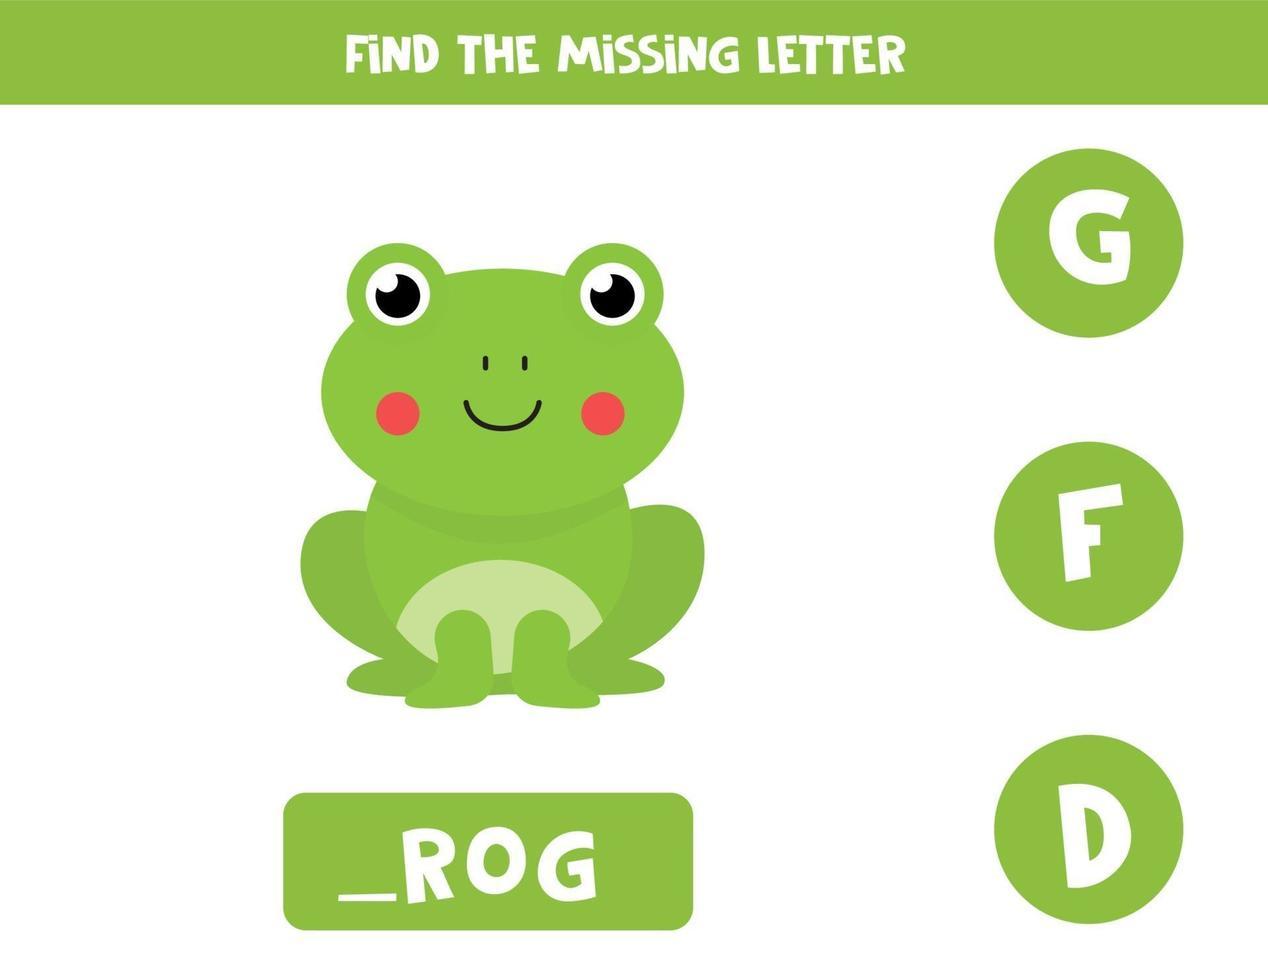 encontrar a carta que falta. ilustração de sapo de caixa. jogo lógico. vetor